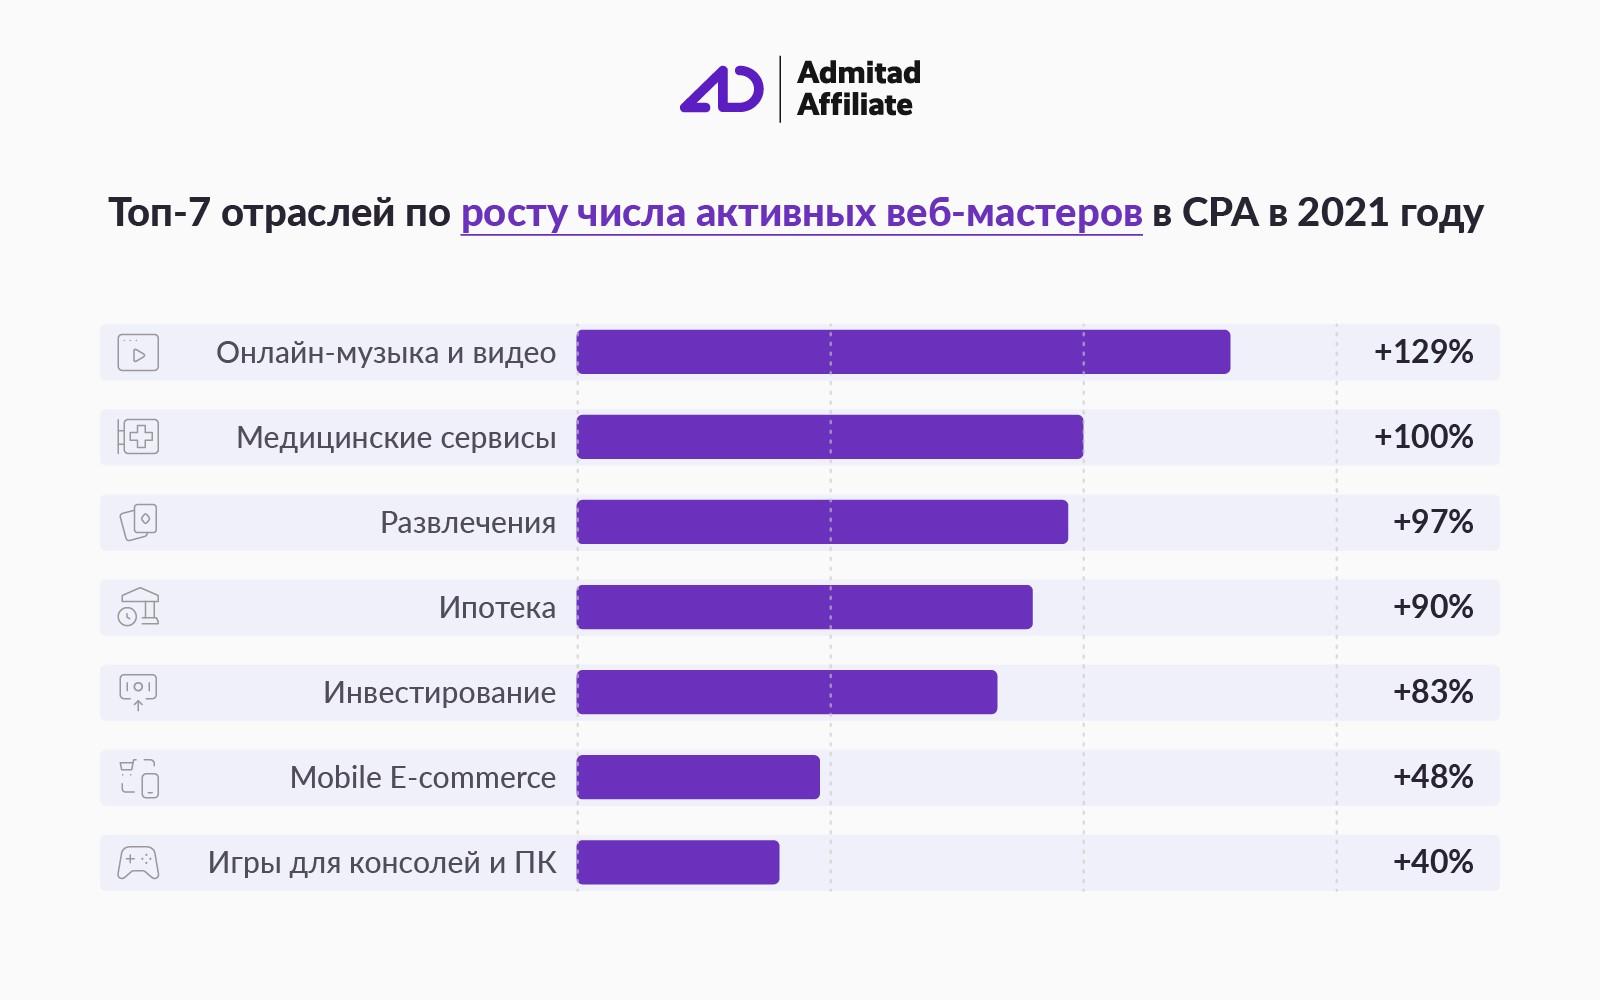 Рост числа веб-мастеров CPA Admitad